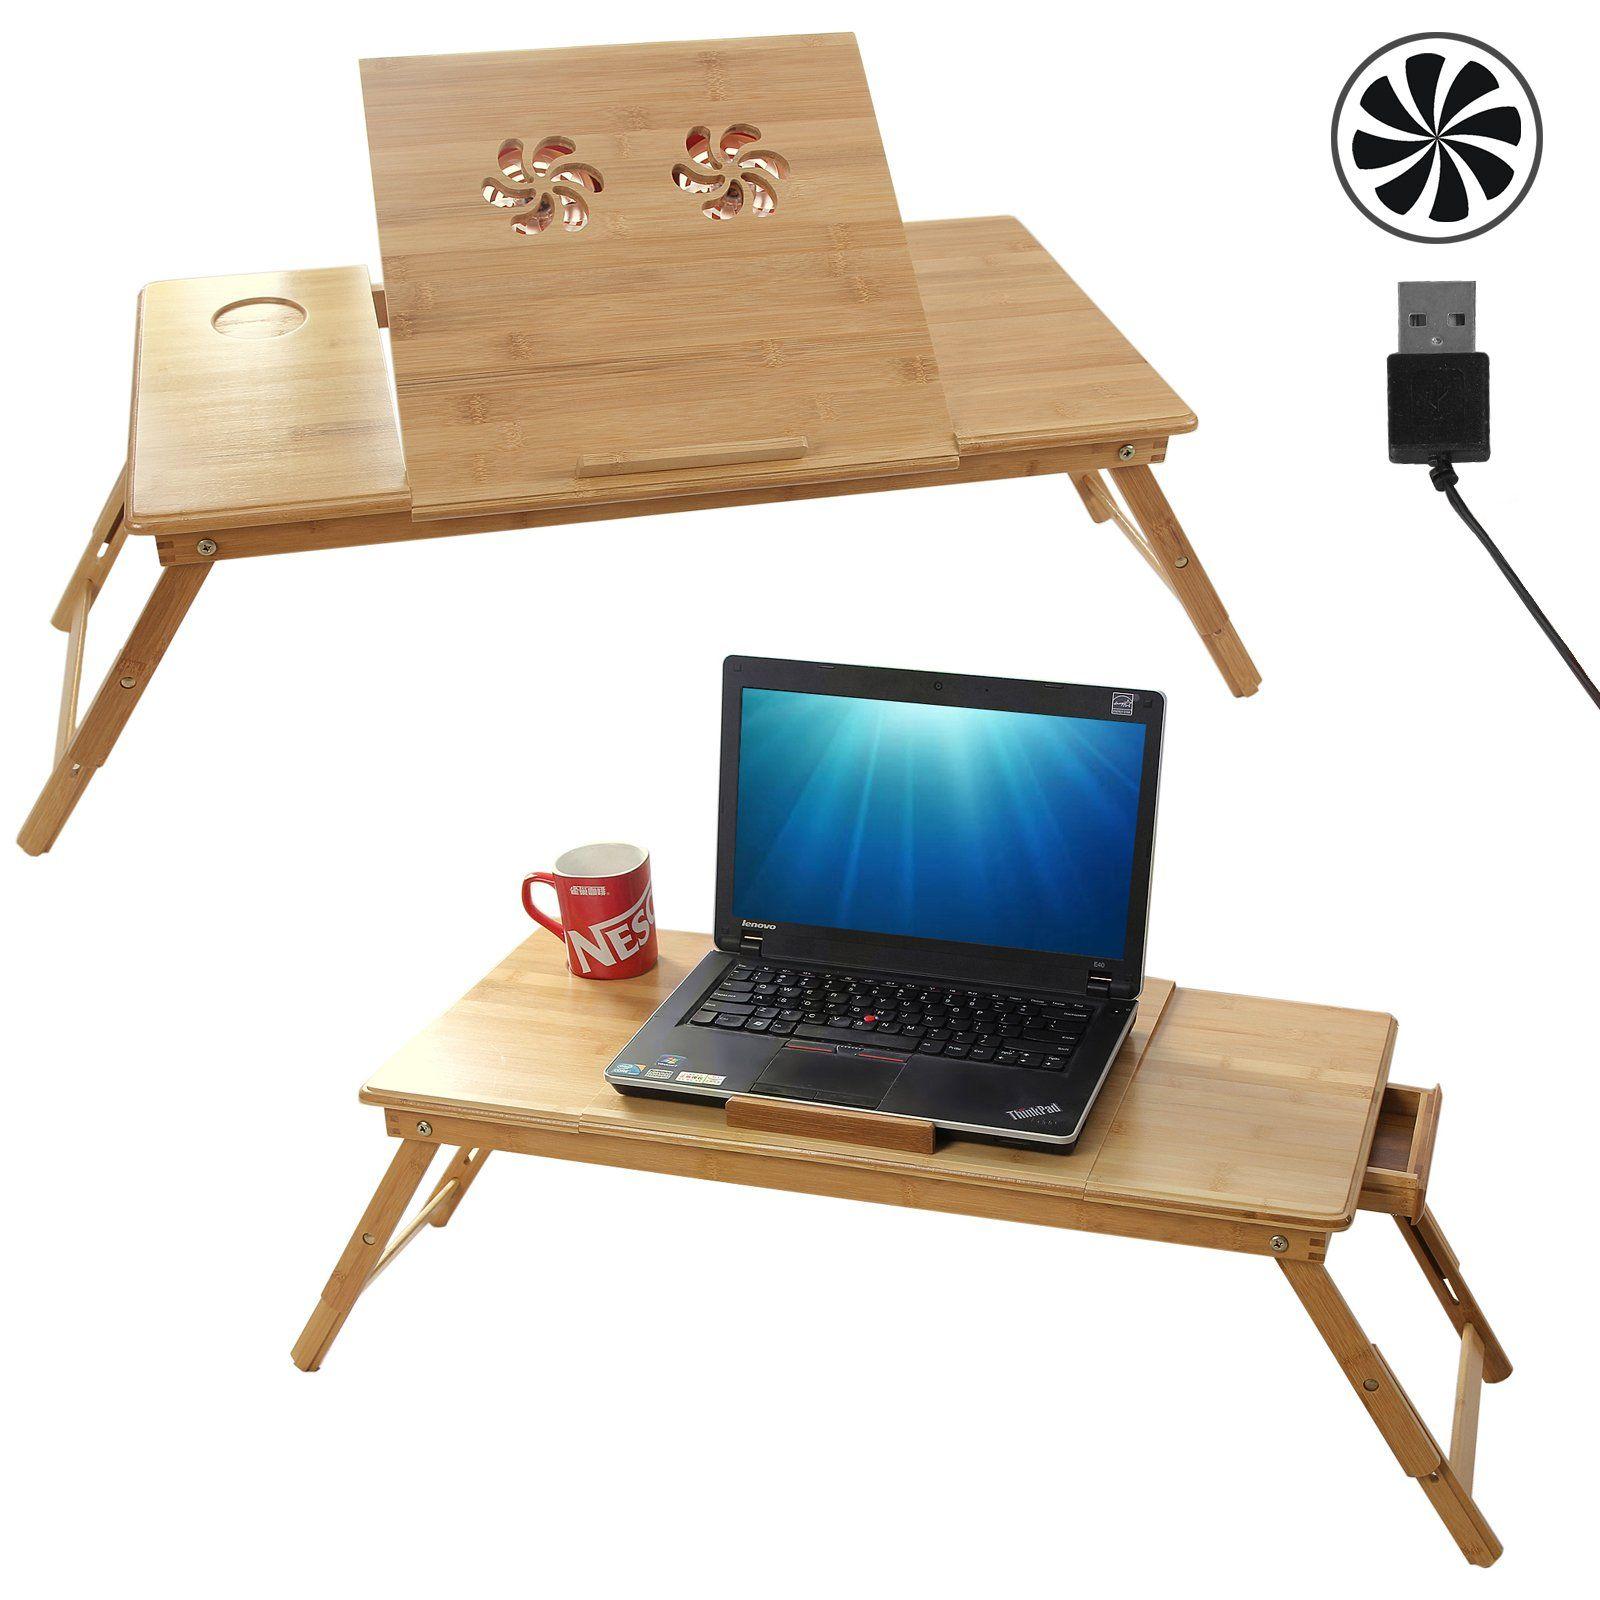 songmics table de lit pliable en bambou pour pc ordinateur. Black Bedroom Furniture Sets. Home Design Ideas